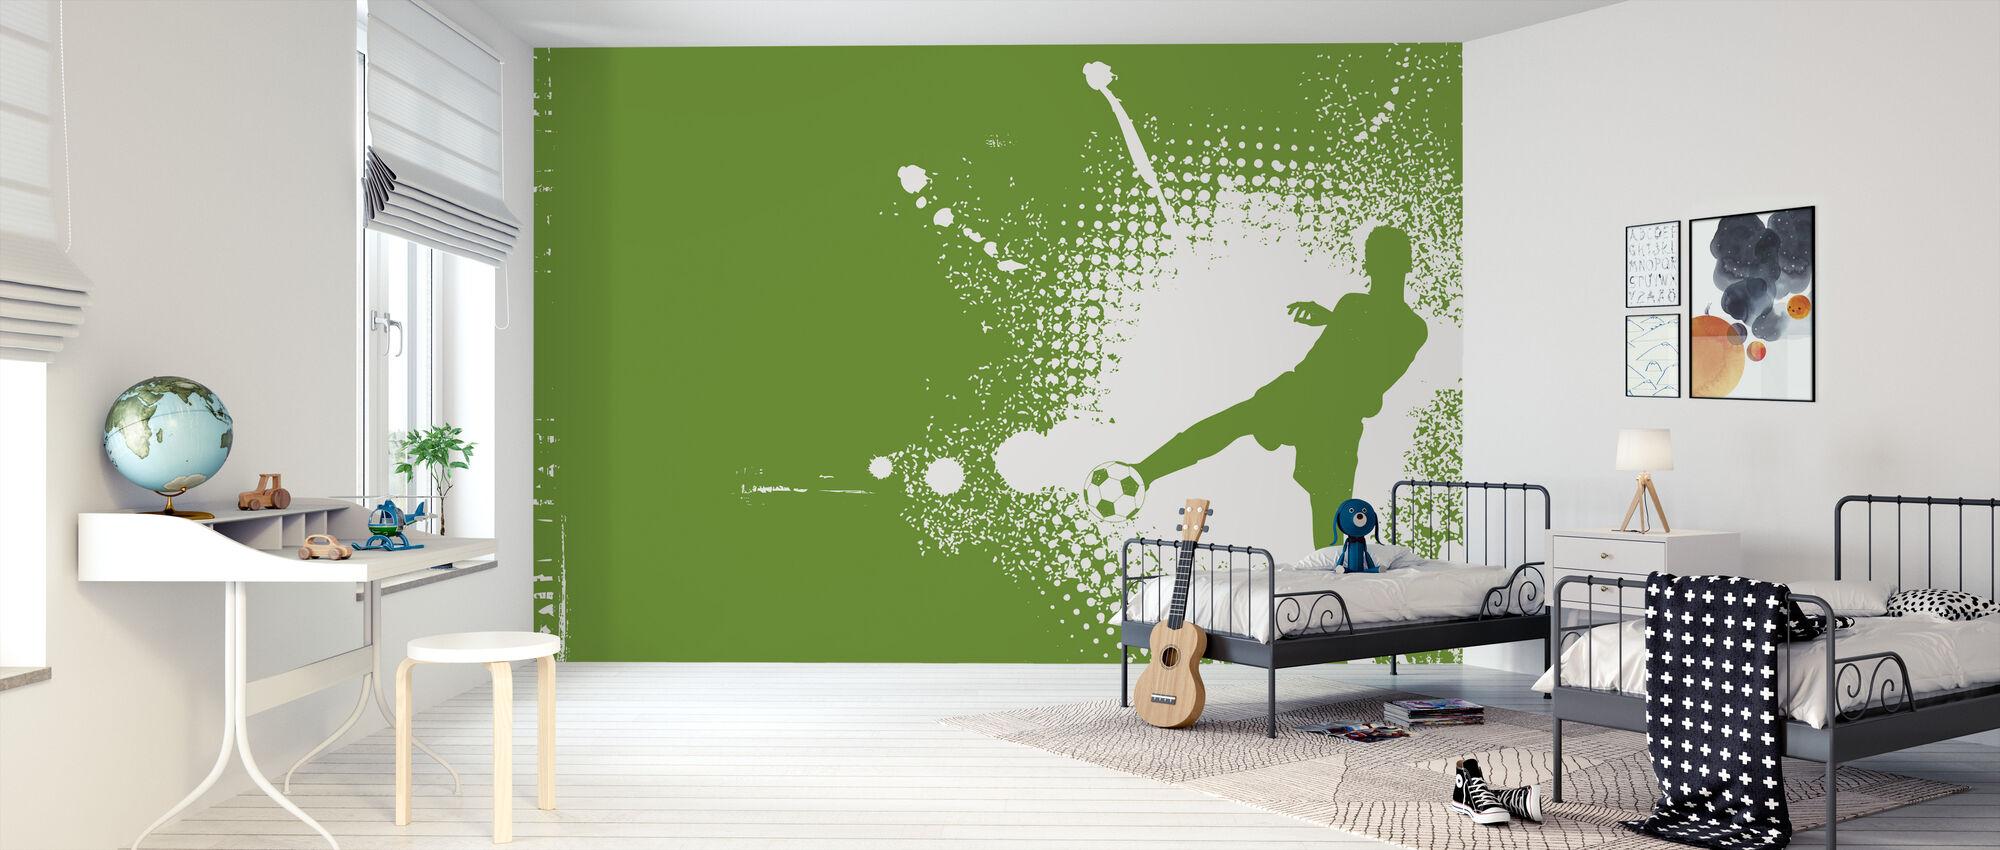 Fußball Spieler Grün - Tapete - Kinderzimmer